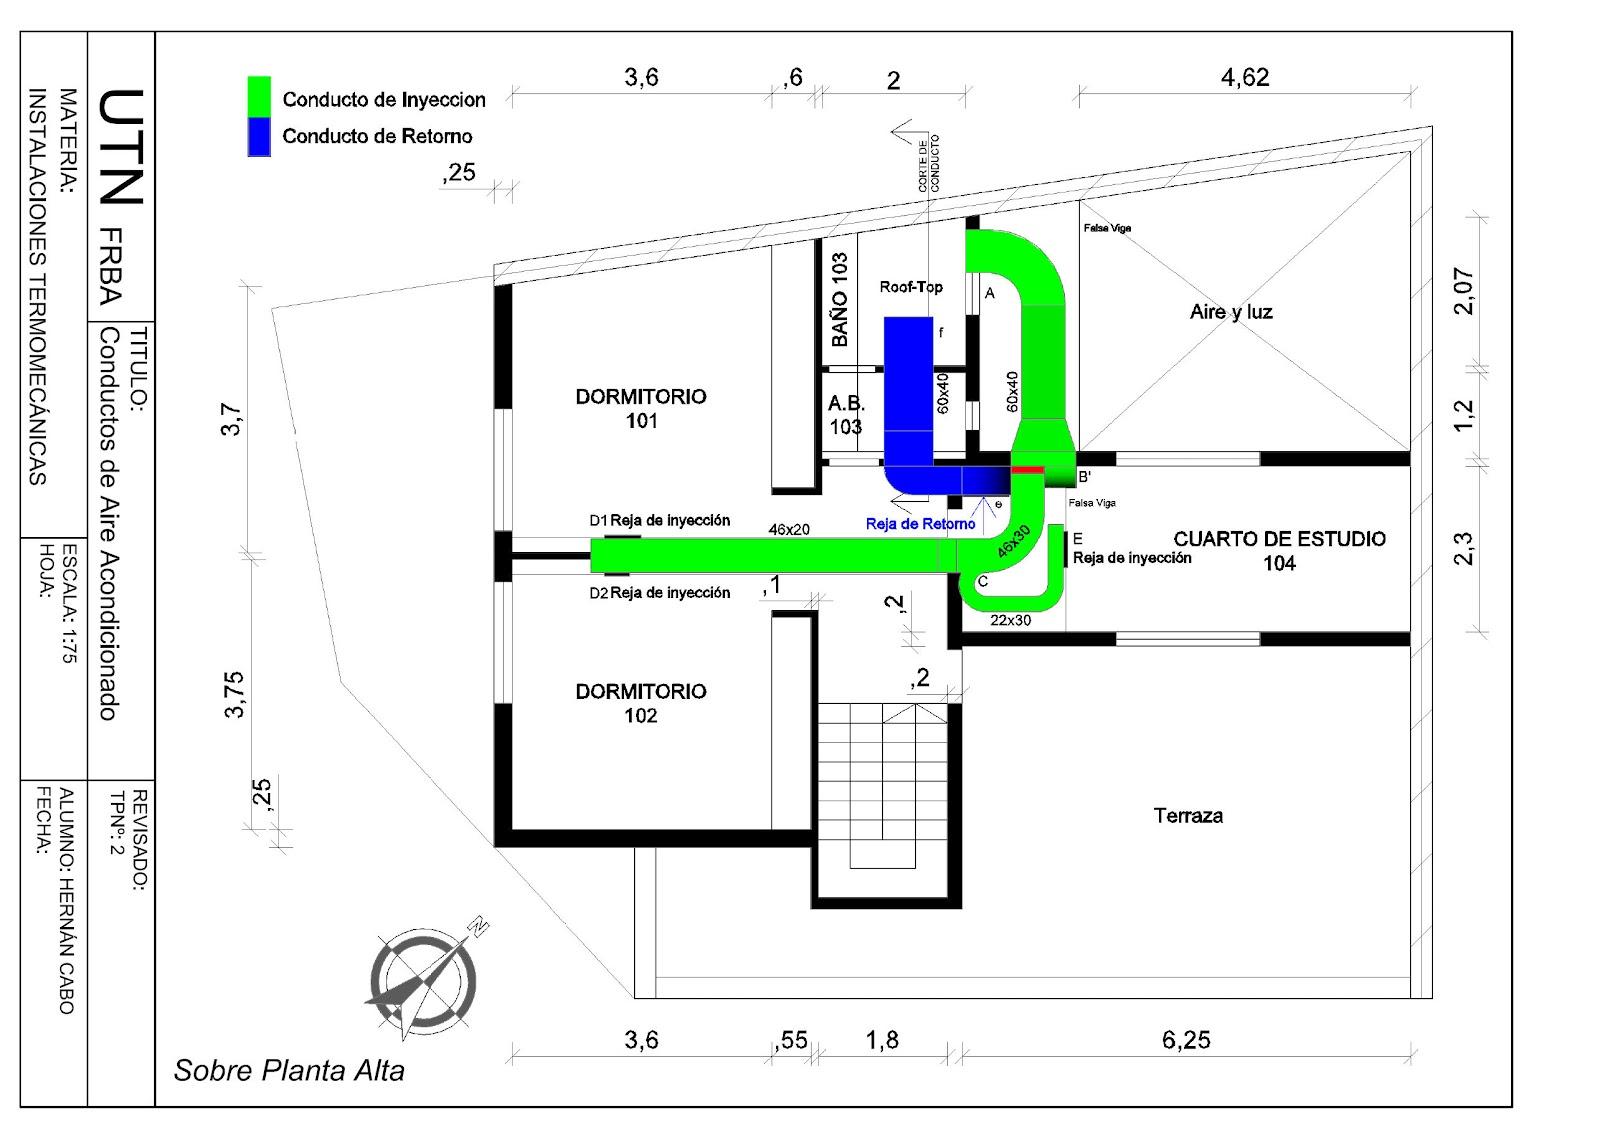 Detalles constructivos cad instalaci n domiciliaria de for Instalacion de aire acondicionado por conductos